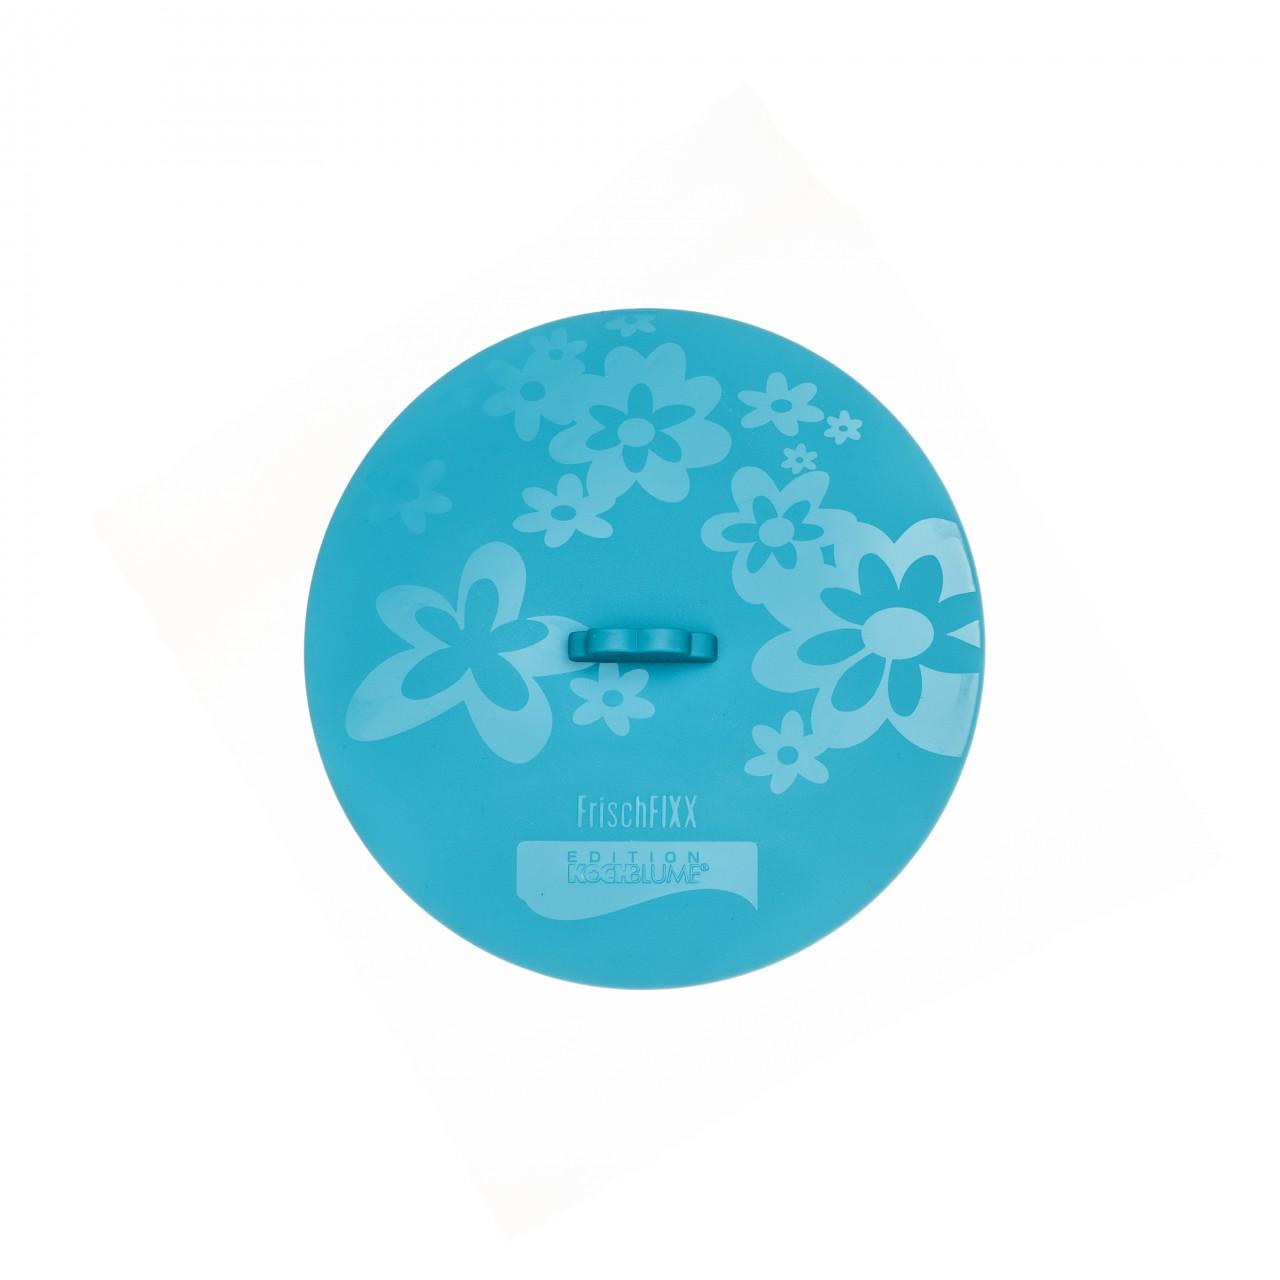 Frischfixx Silikondeckel 18 cm